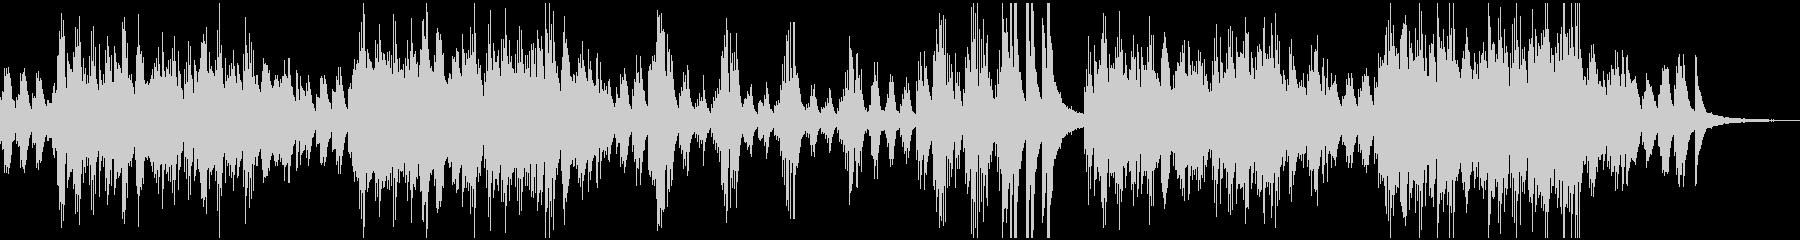 前向きで明るいイメージのピアノソロの未再生の波形